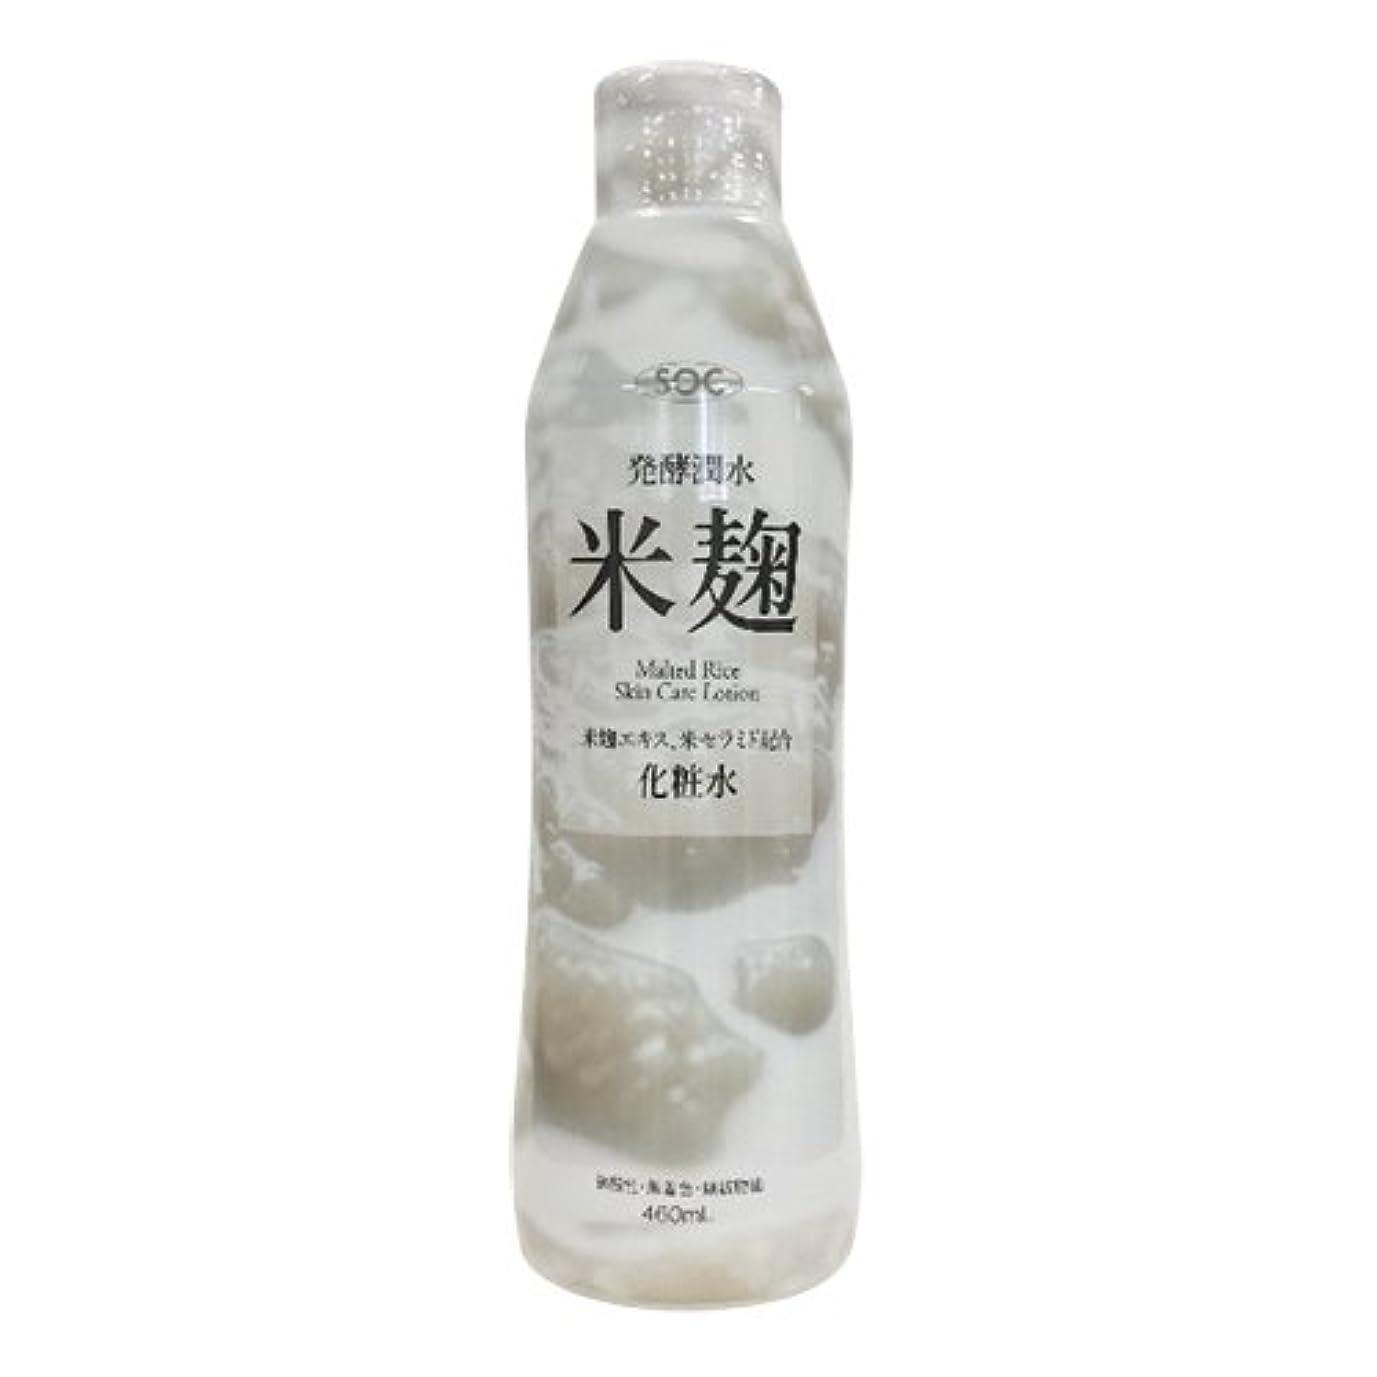 ペインスピリチュアル小川SOC 米麹配合化粧水 (460mL)